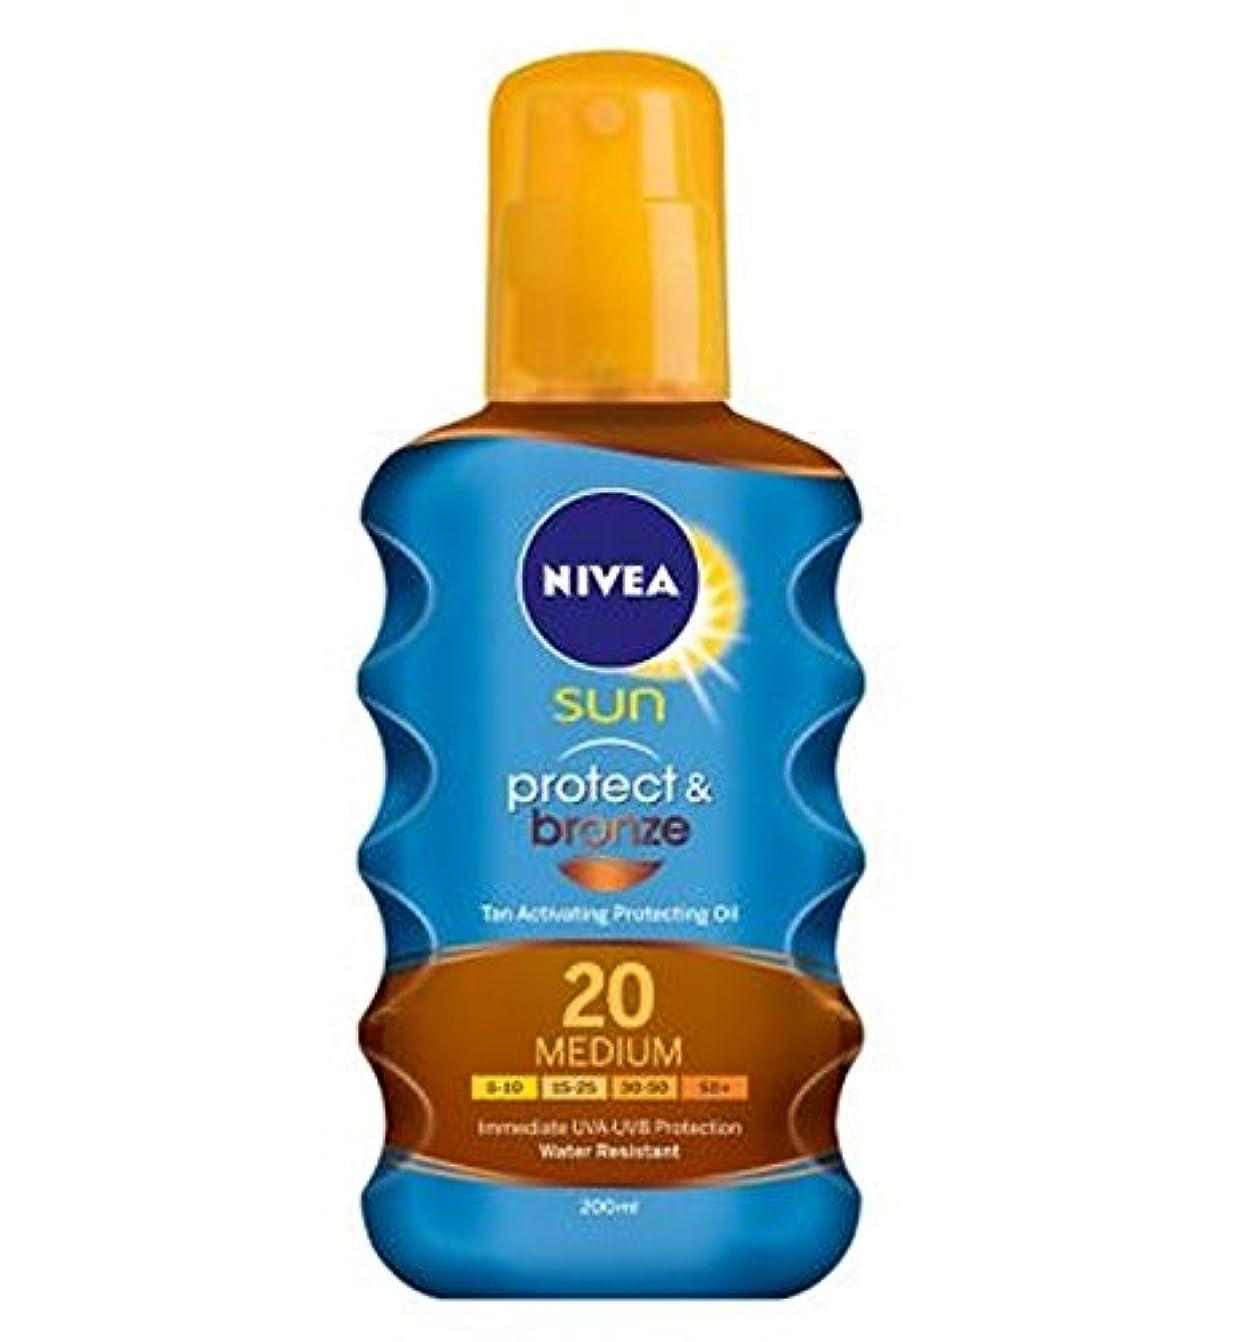 避難軍隊散文ニベアの日は、油媒体20 200ミリリットルを保護する日焼け活性化を保護&ブロンズ (Nivea) (x2) - NIVEA SUN Protect & Bronze Tan Activating Protecting...